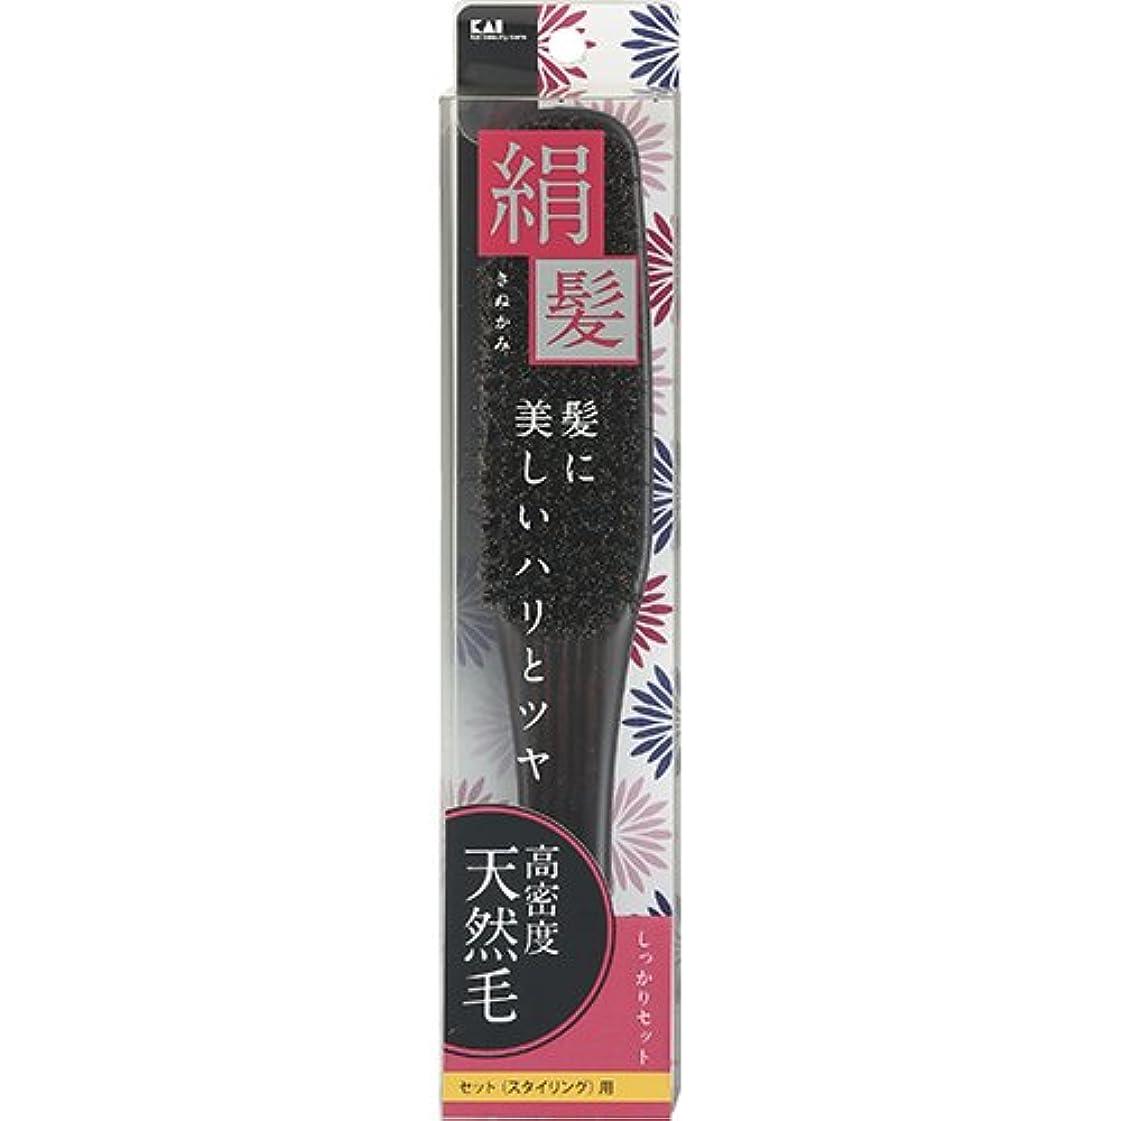 膜ぎこちないオートメーションKQ1540 天然毛セットブラシ (絹髪) L